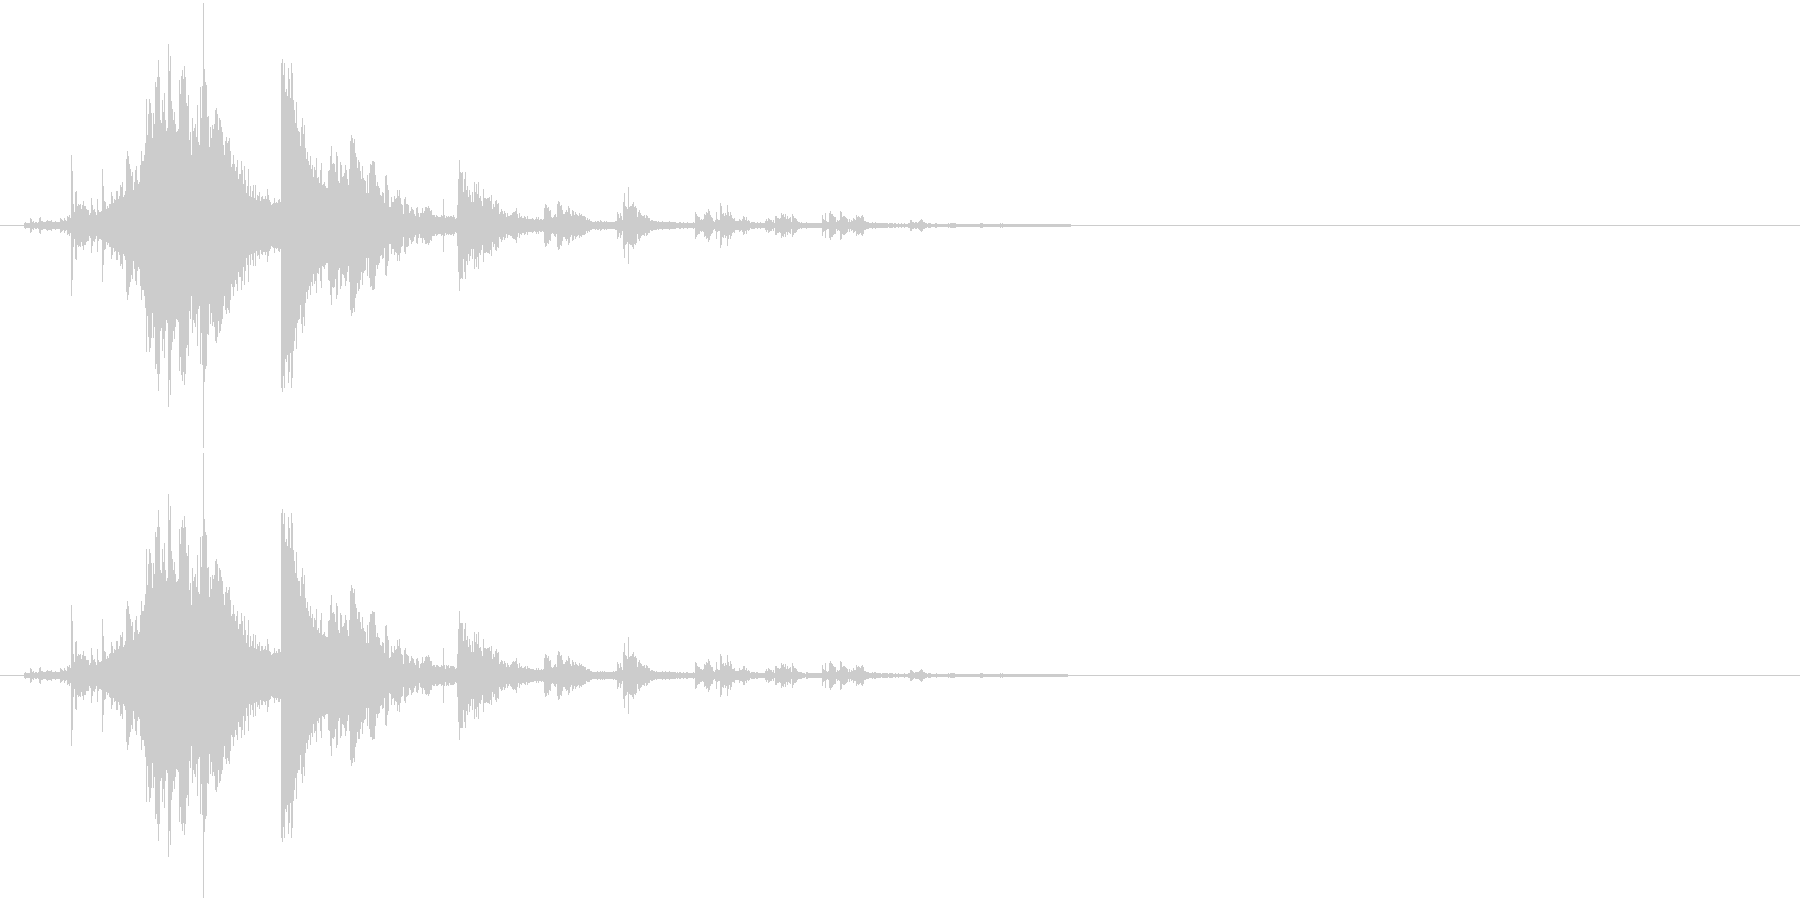 音侍SE「シャラーン!」象徴的な鈴の音の未再生の波形